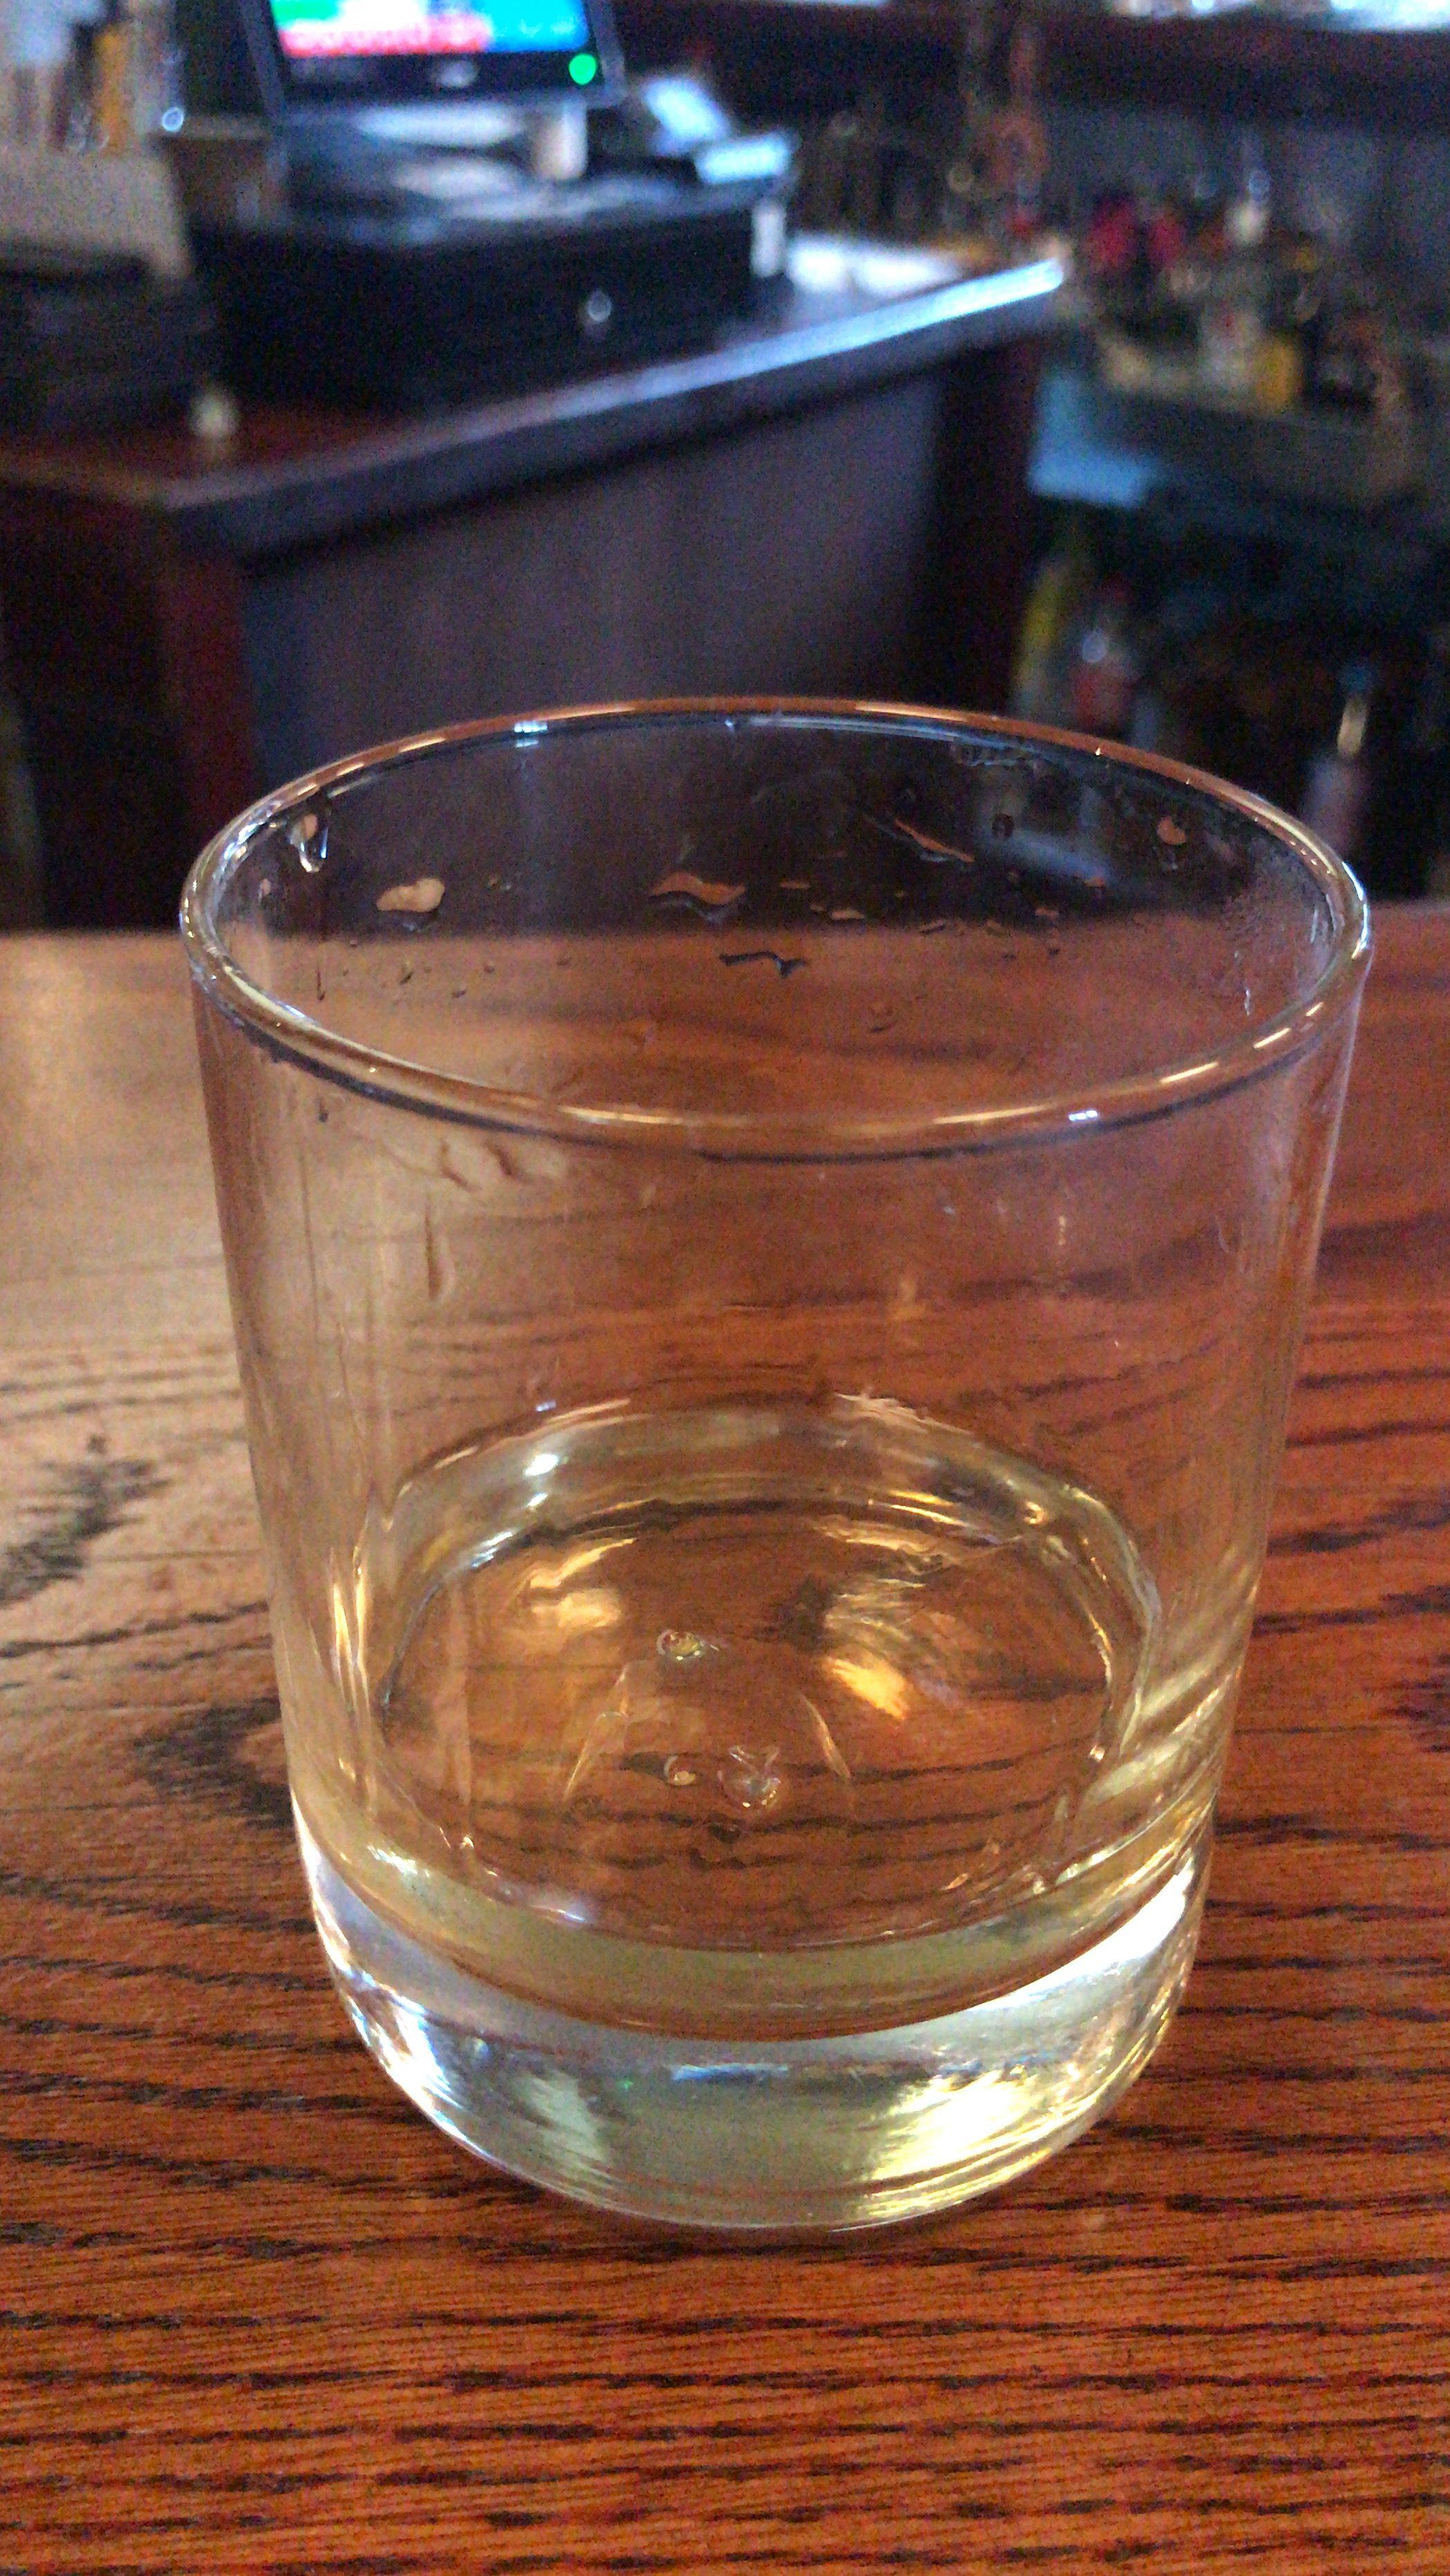 Single malt whiskey in a glass